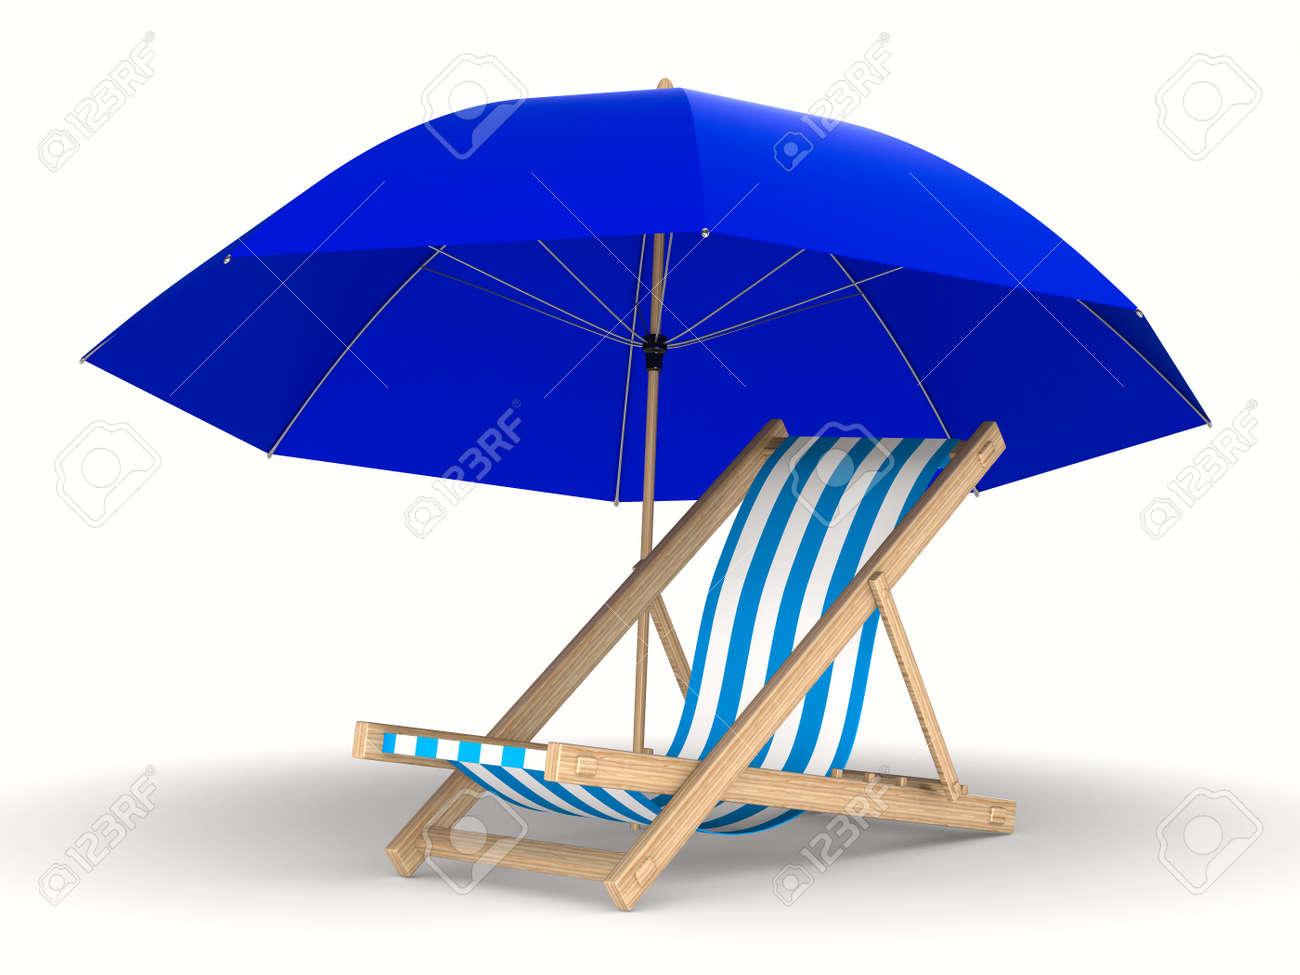 Strandstoel En Parasol.Strandstoel En Parasol Op Witte Achtergrond Gea Soleerde 3d Beeld